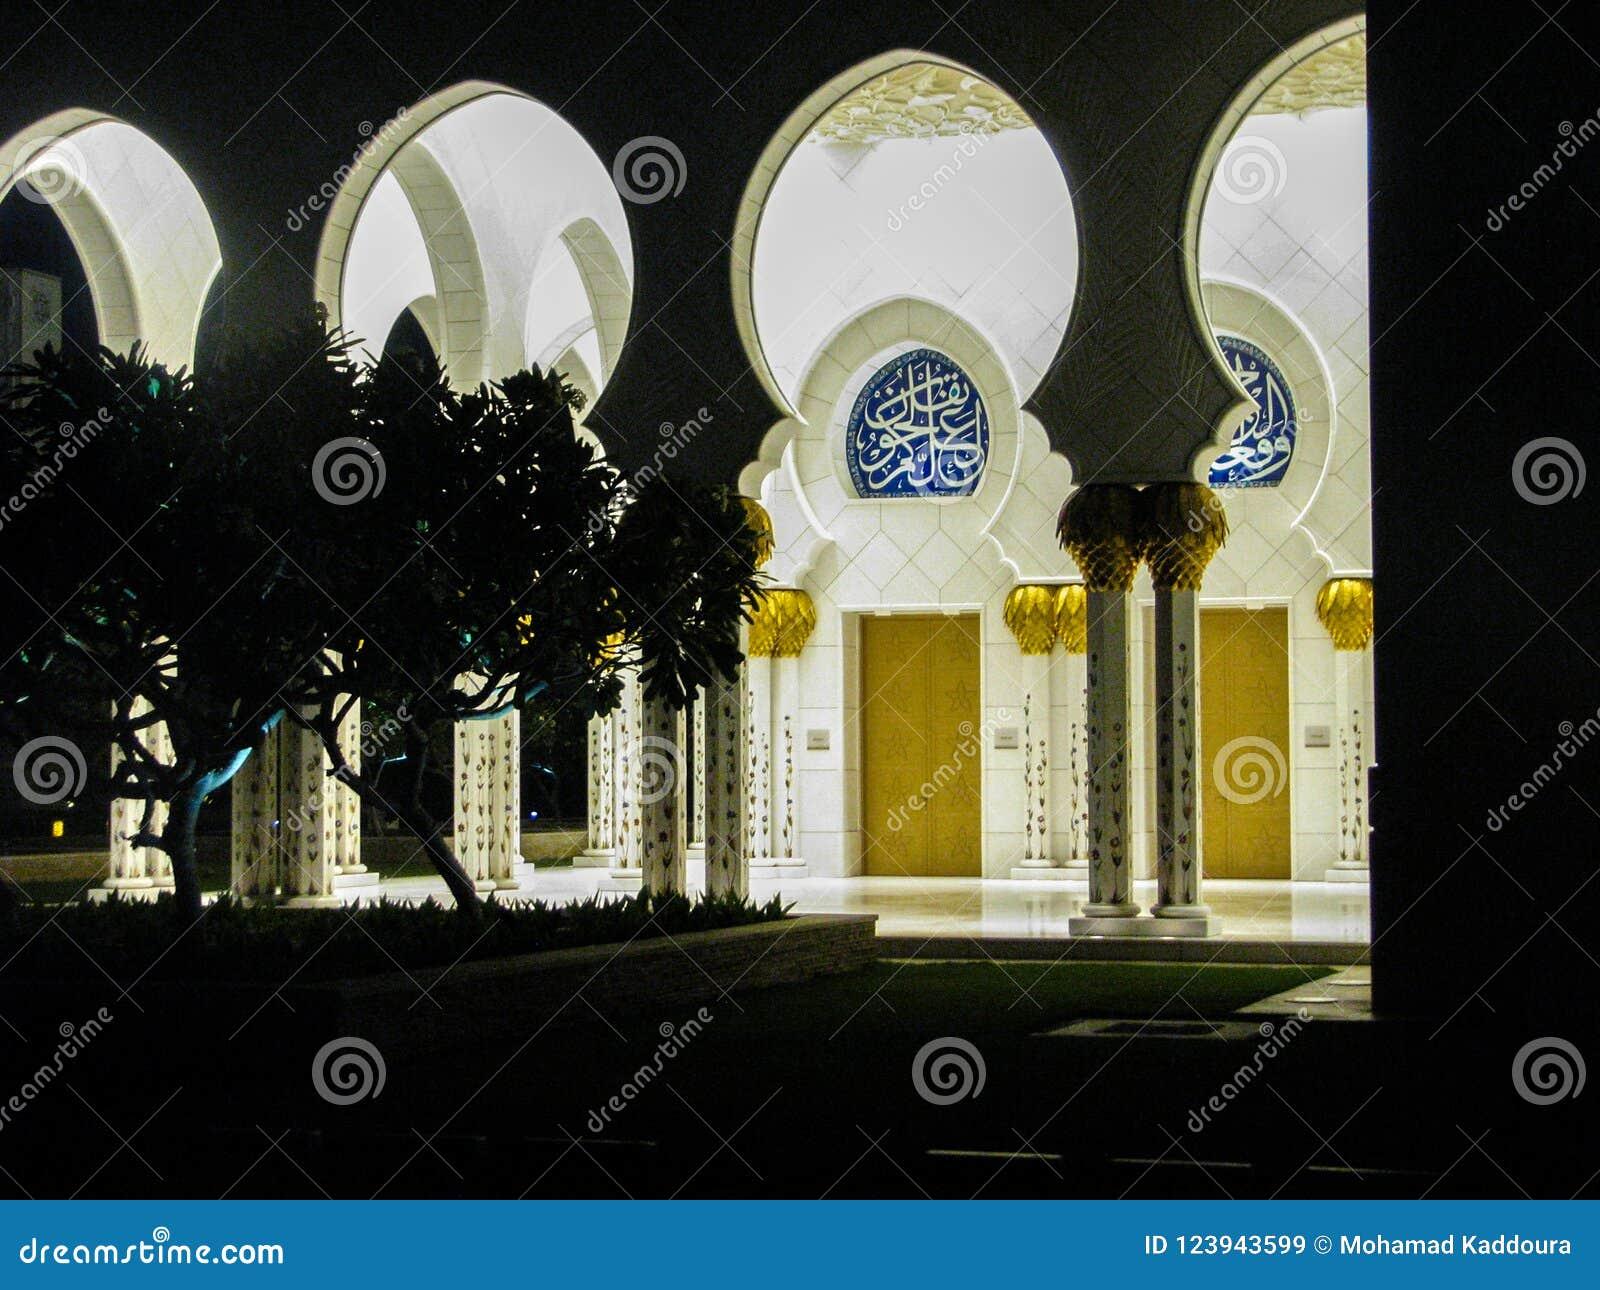 De de mooie details en architectuur van Abu Dhabi Sheik Zayed Mosque met bezinningen over water bij nacht